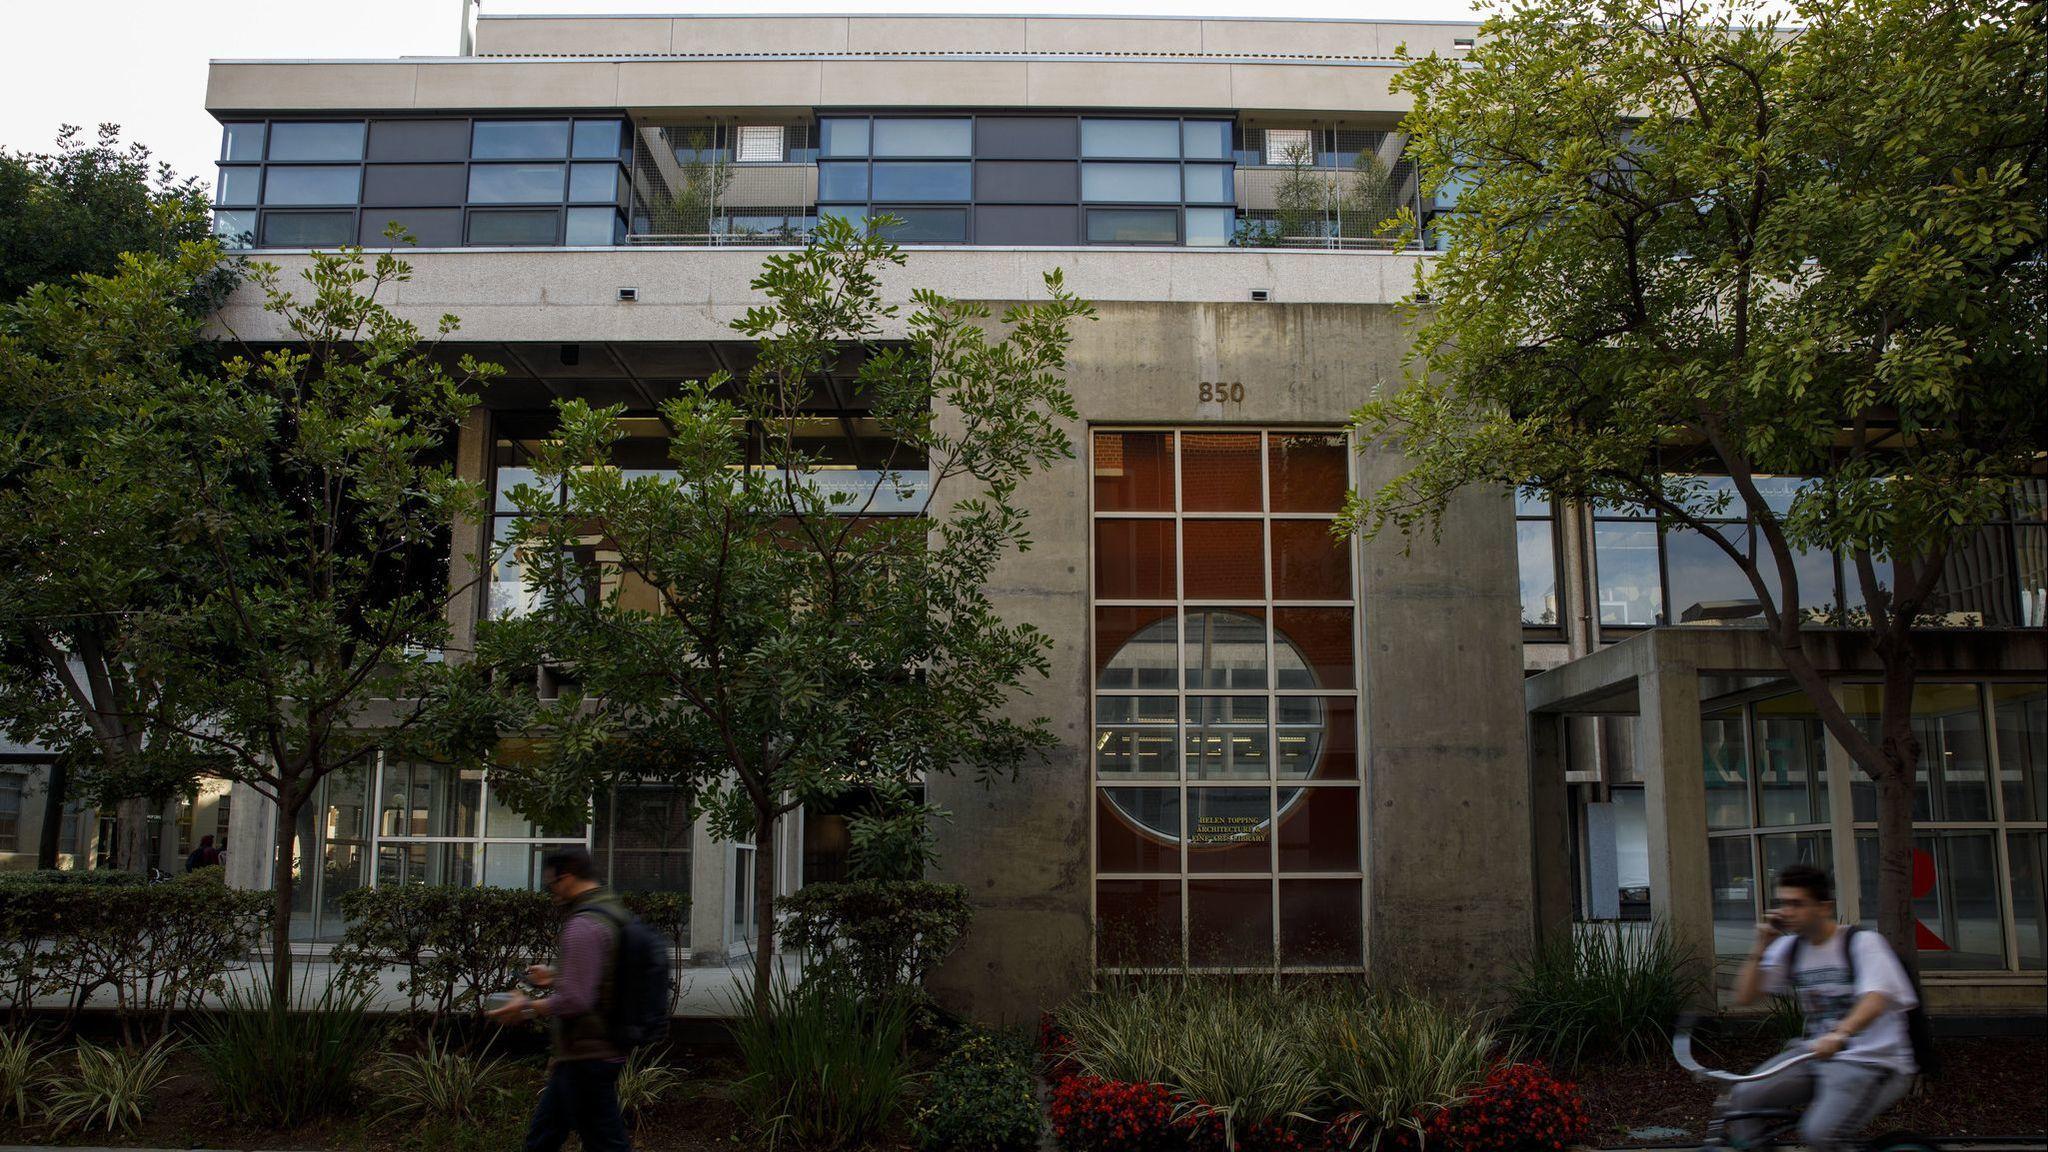 USC architecture school